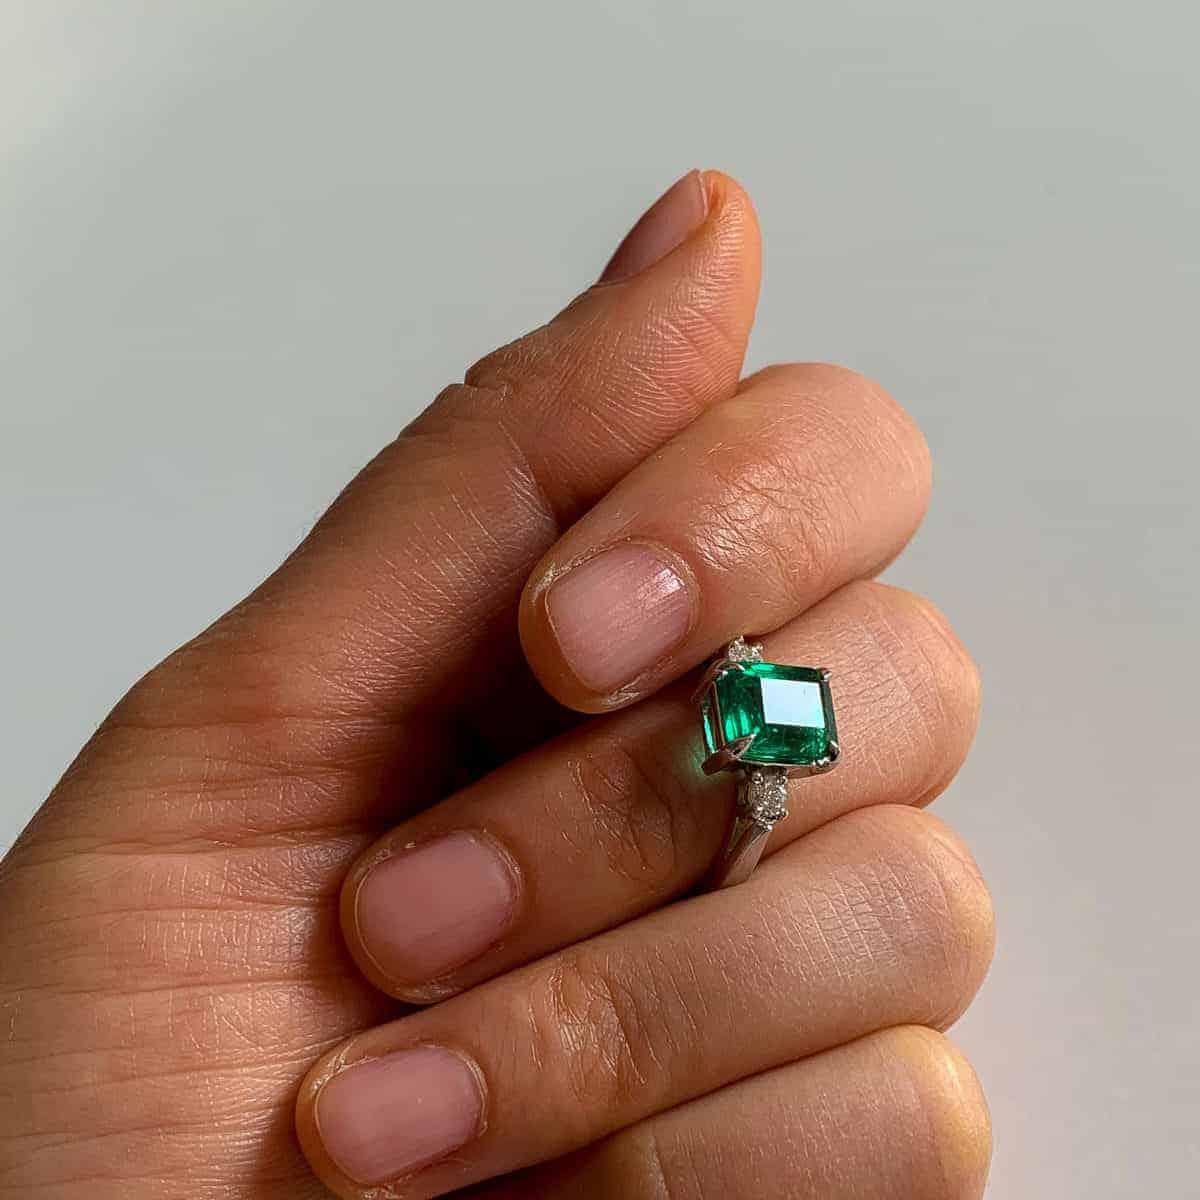 Златен годежен пръстен с изумруд изработен по поъчка от Ефир